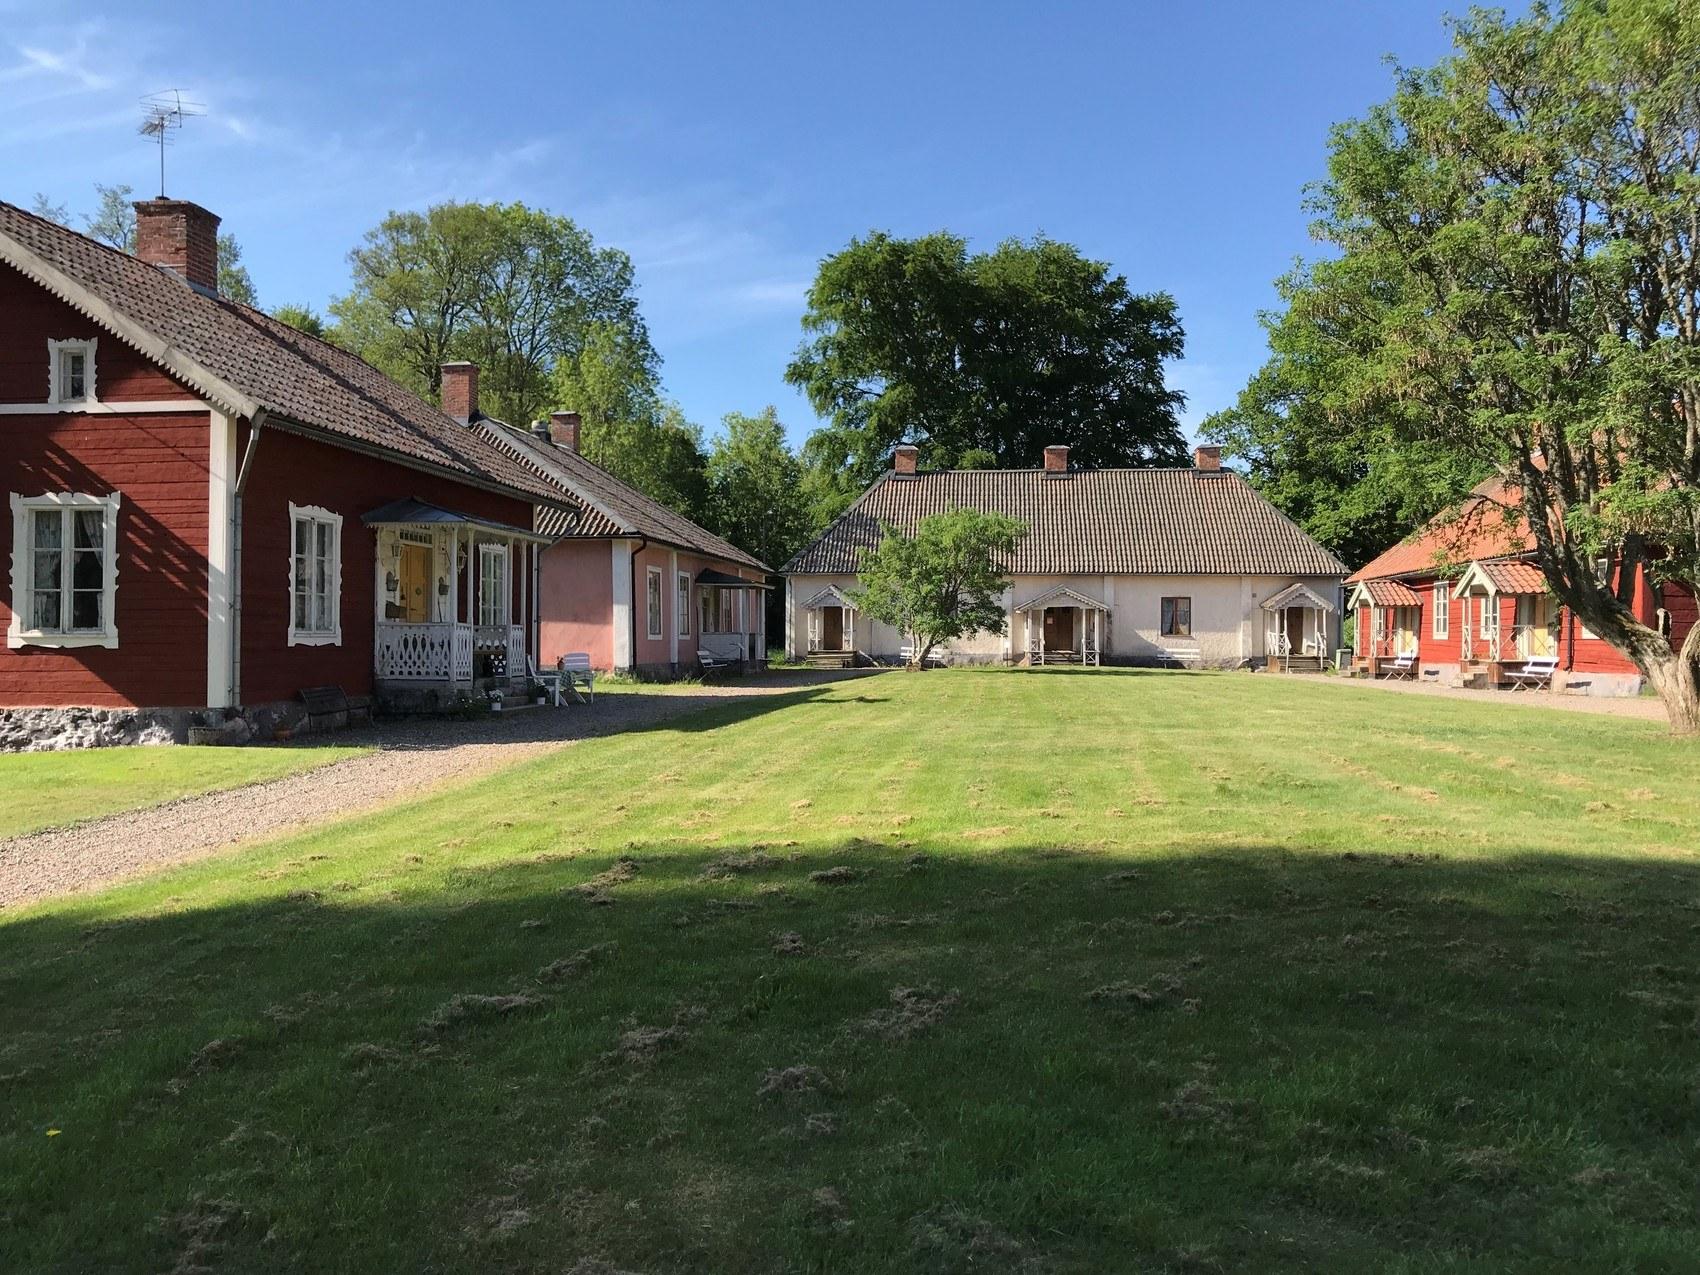 Gräsplan med äldre hus i bakgrunden